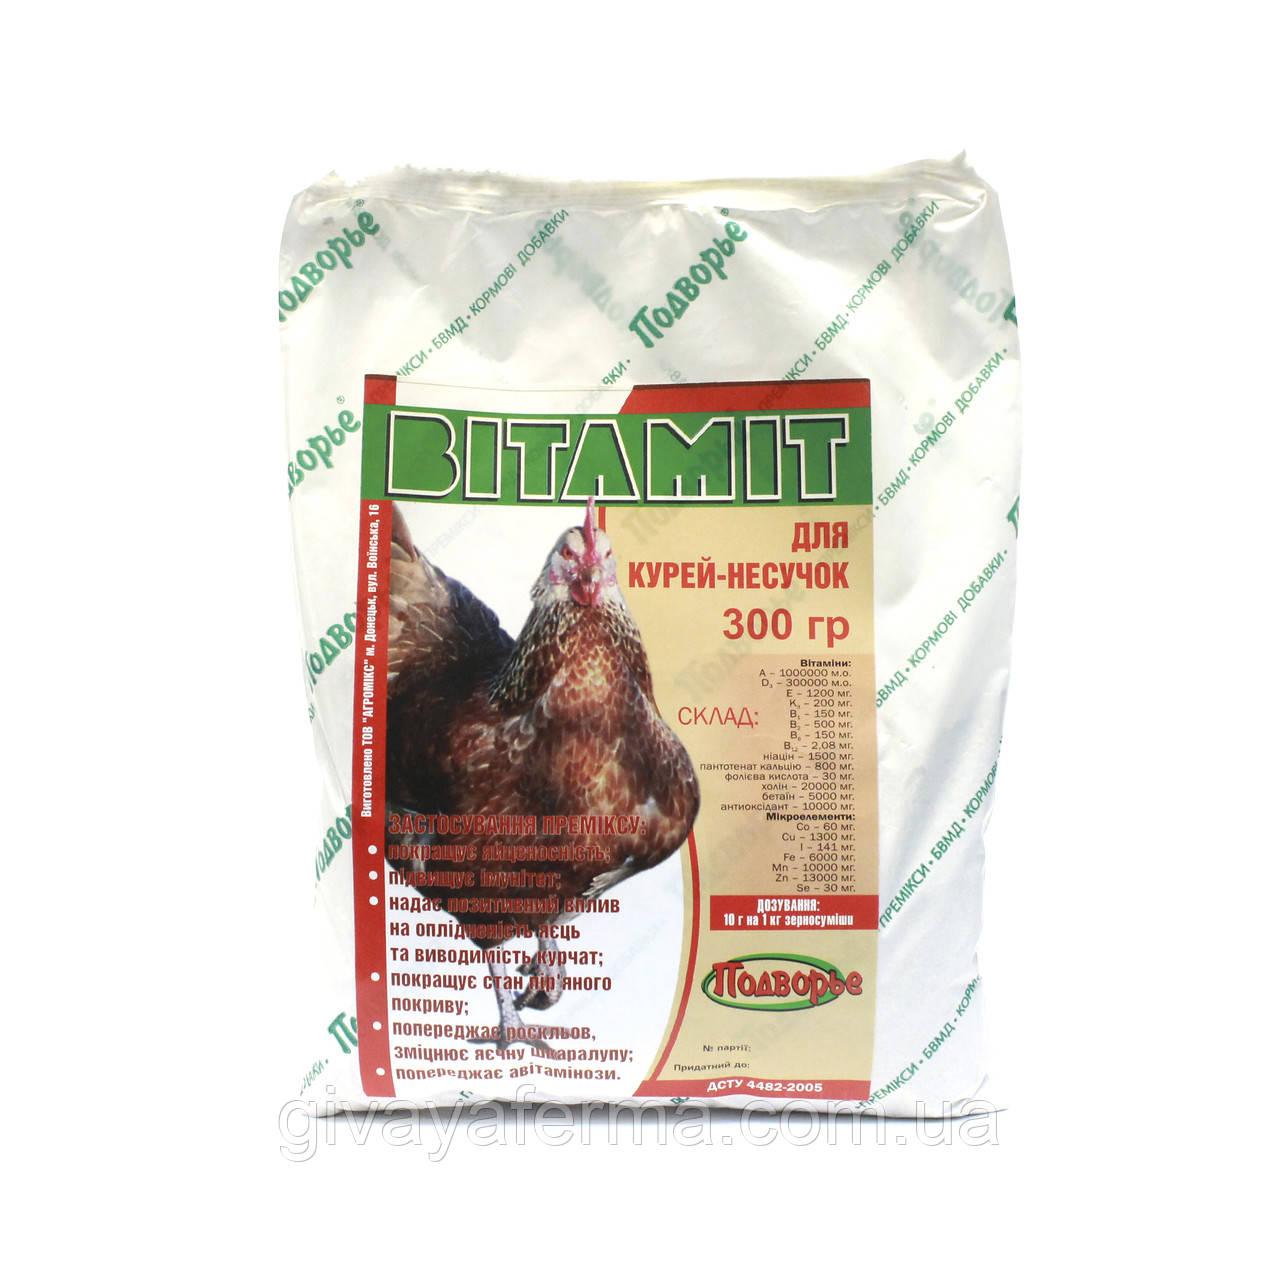 Премикс Витамит - несушка 1%, 300 г, витаминно-минеральная кормовая добавка